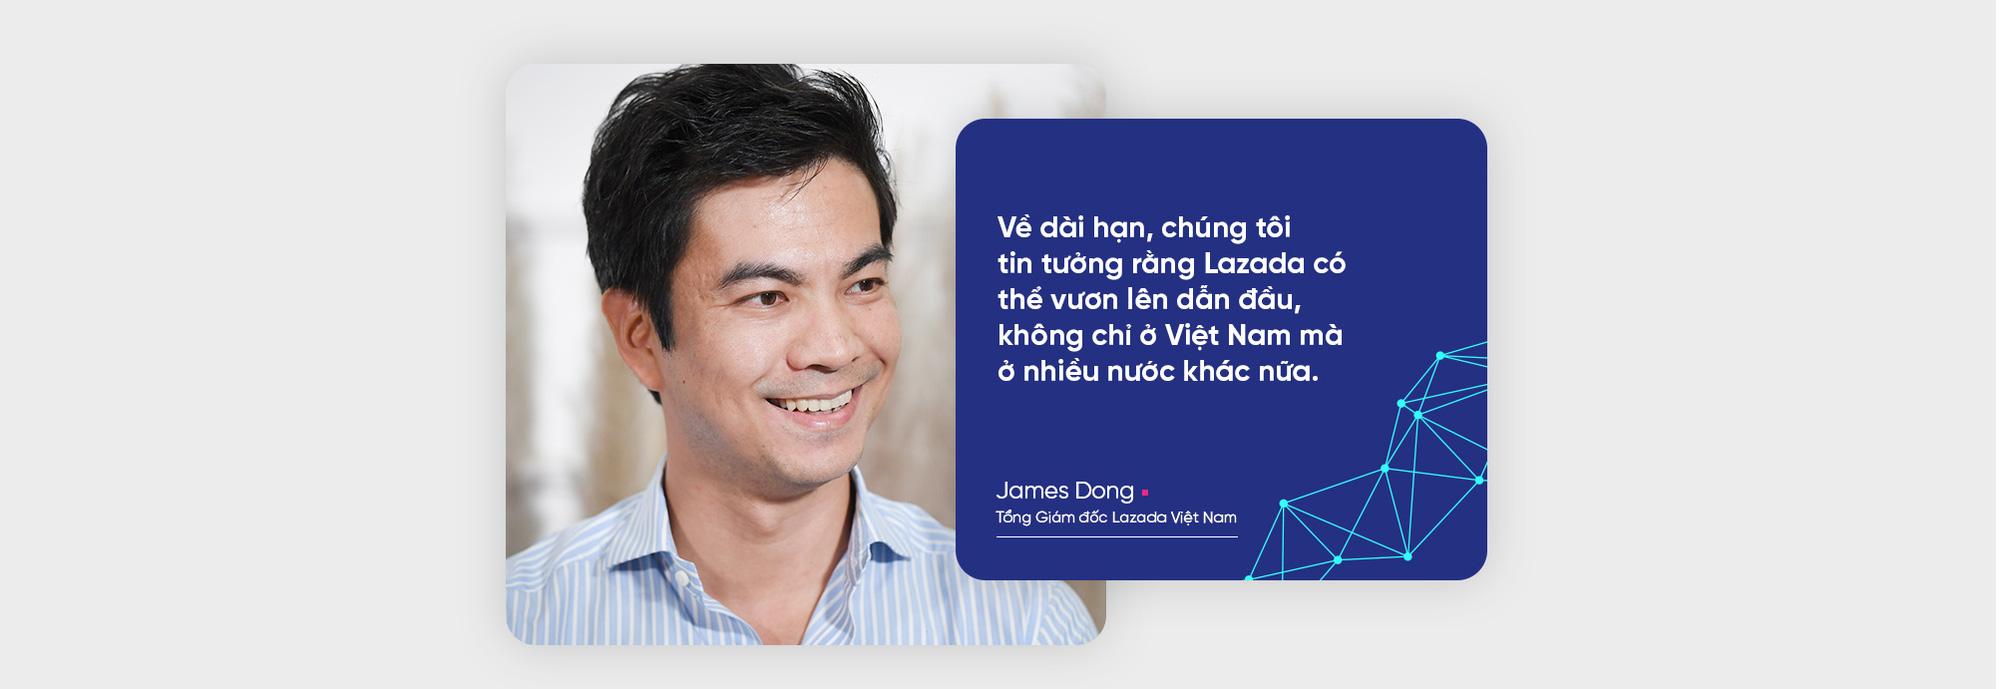 CEO Lazada Việt Nam dự báo gì về cuộc đua cạnh tranh của các sàn thương mại điện tử? - Ảnh 13.